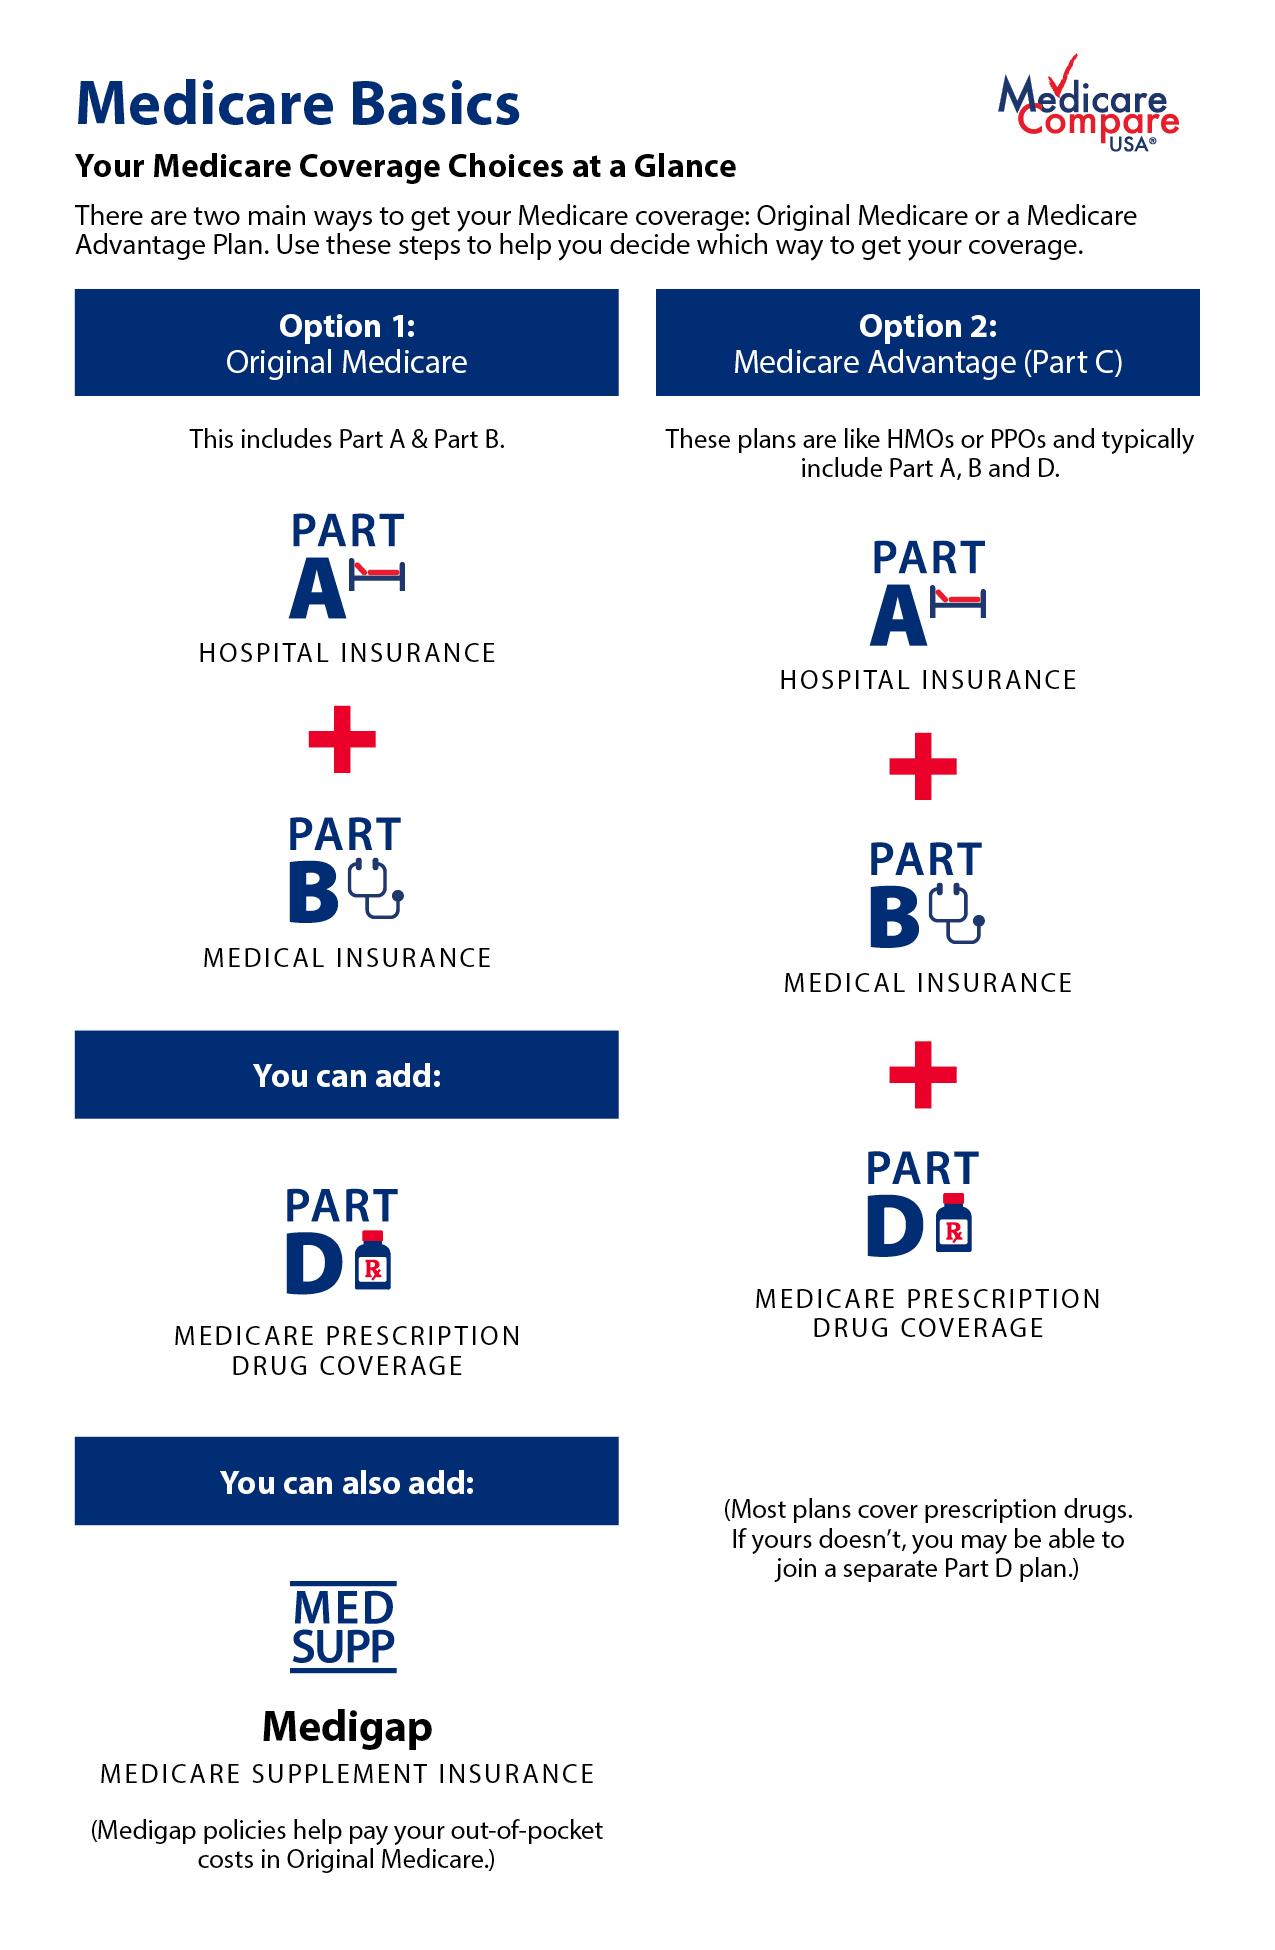 Medicare Basics Options chart